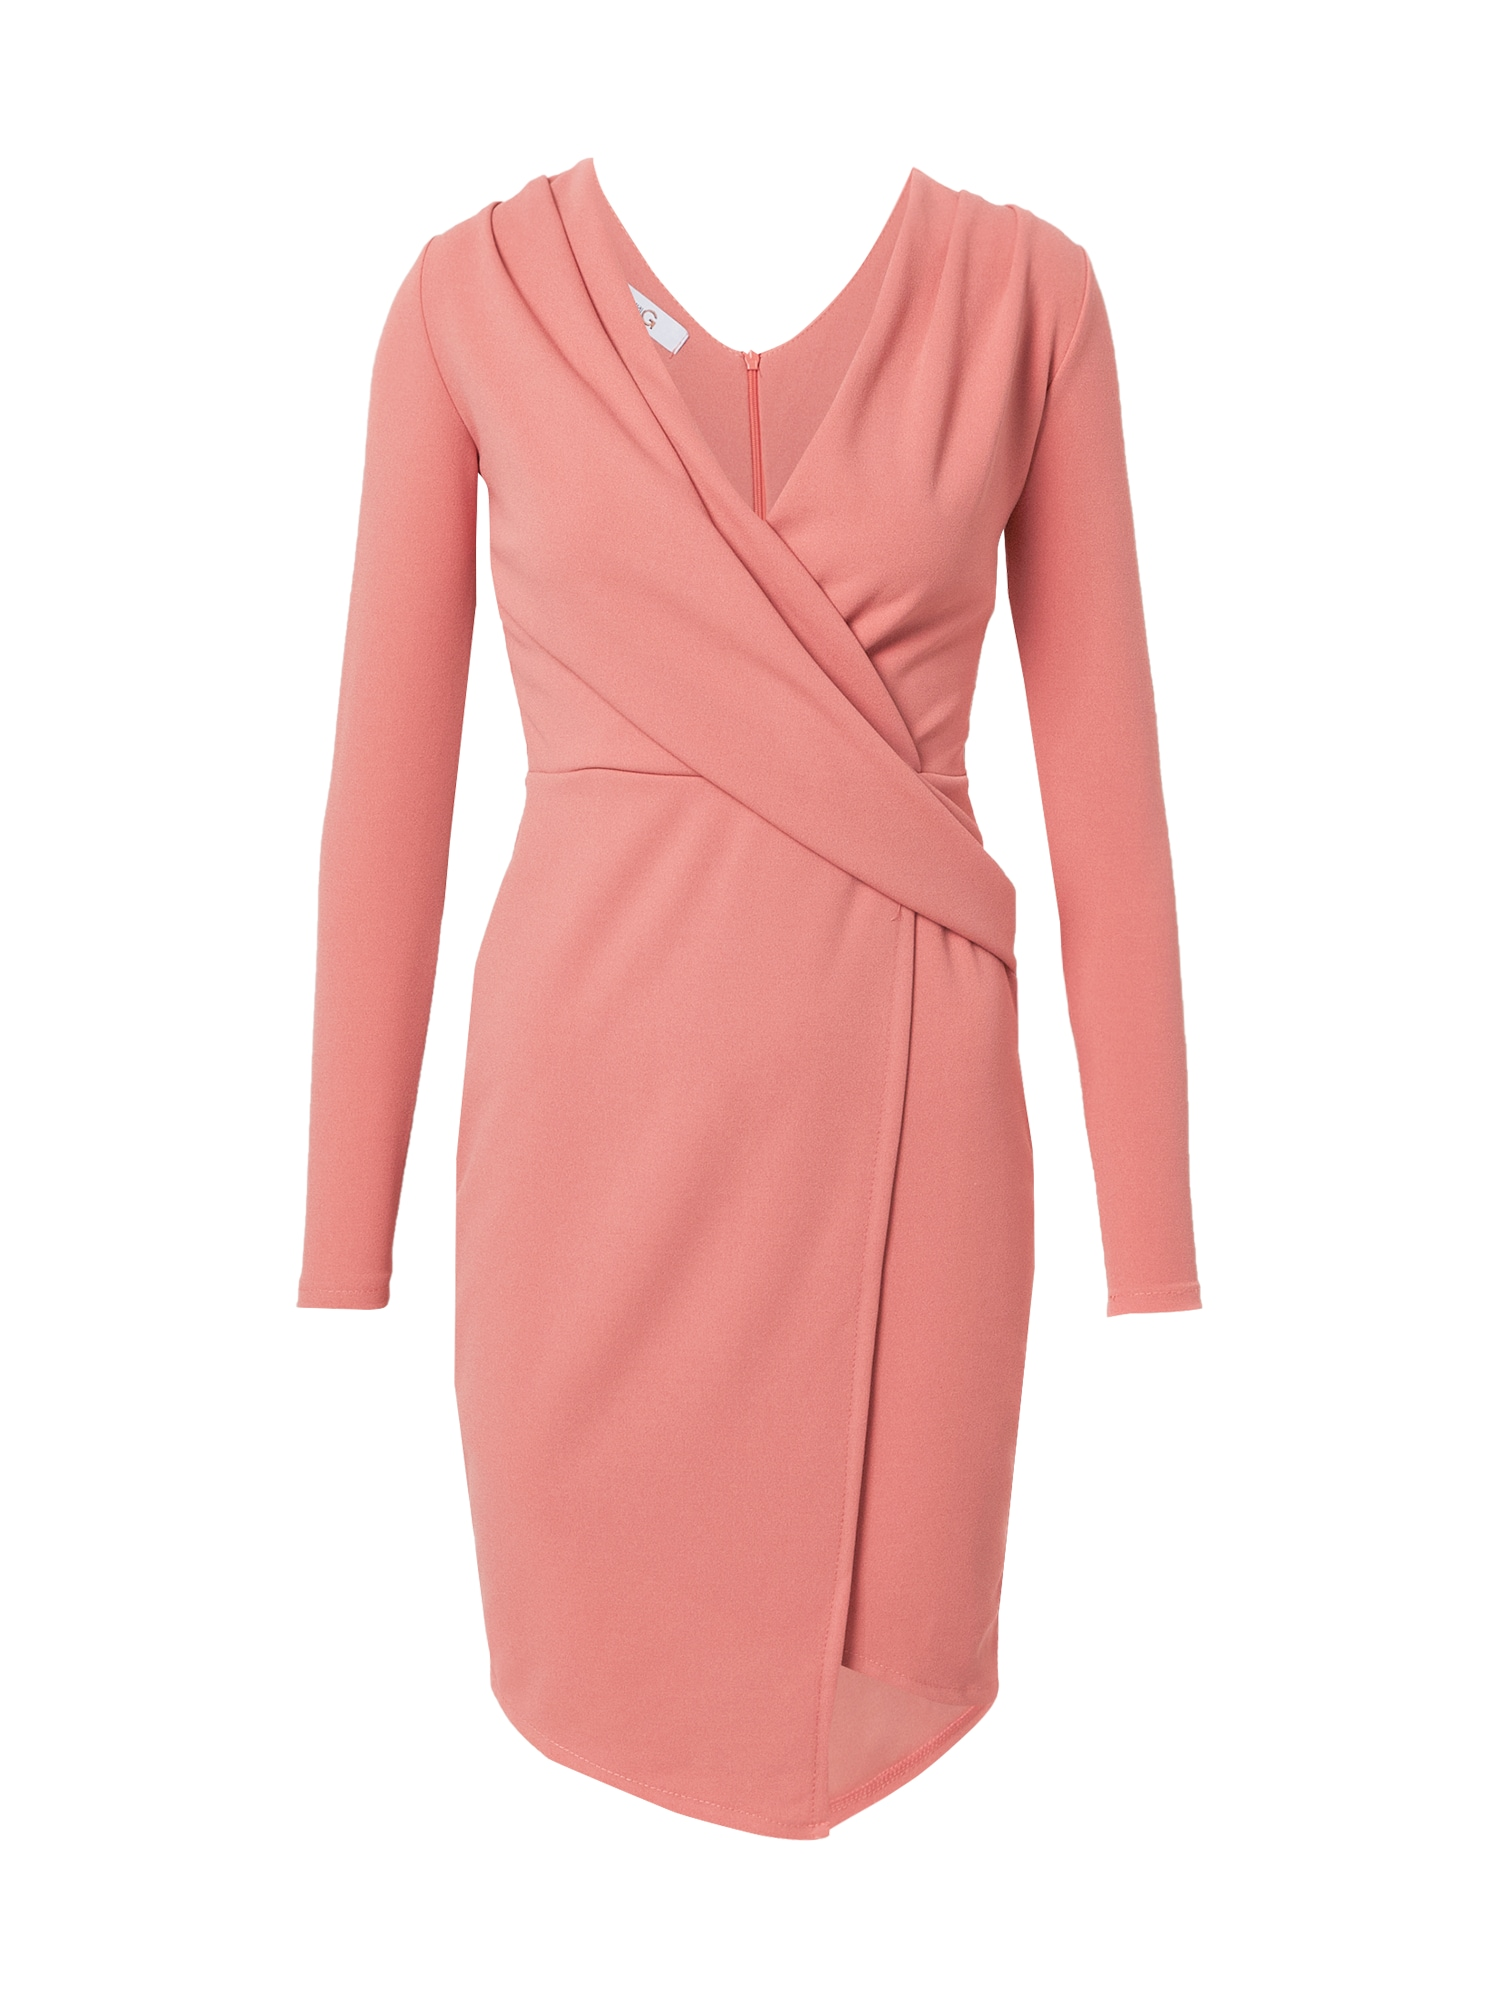 WAL G. Suknelė ryškiai rožinė spalva